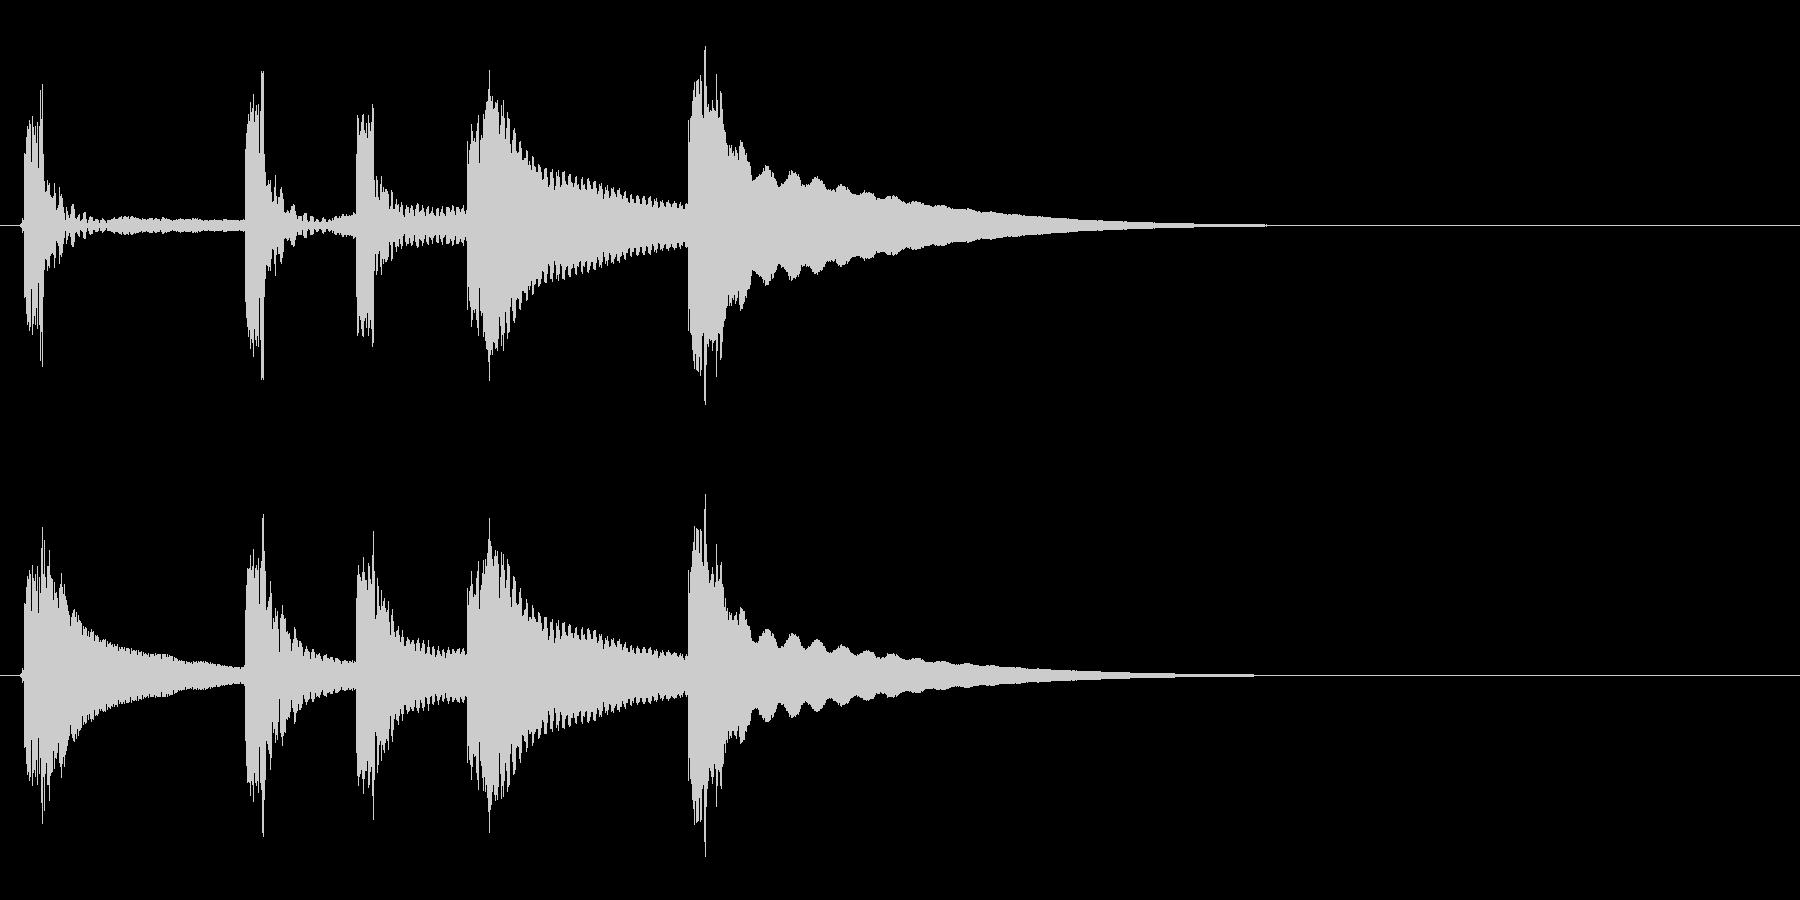 タンタラッタンタン(サウンドロゴ)の未再生の波形